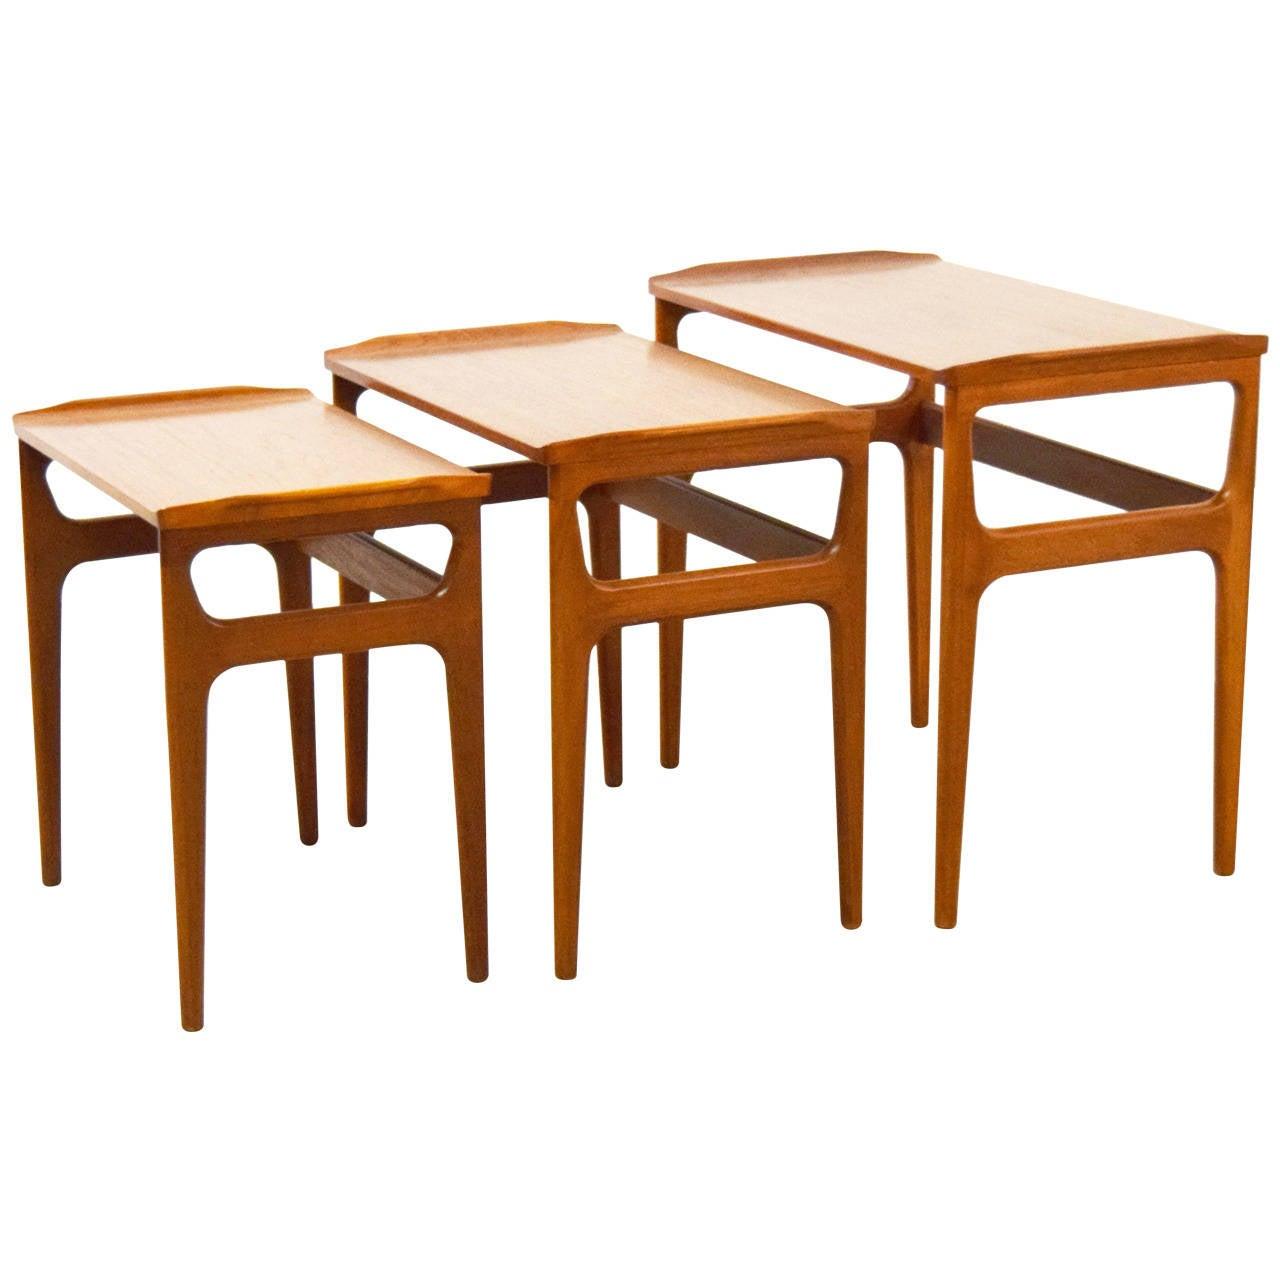 Heltborg Mobler, Denmark Nesting Tables For Sale at 1stdibs